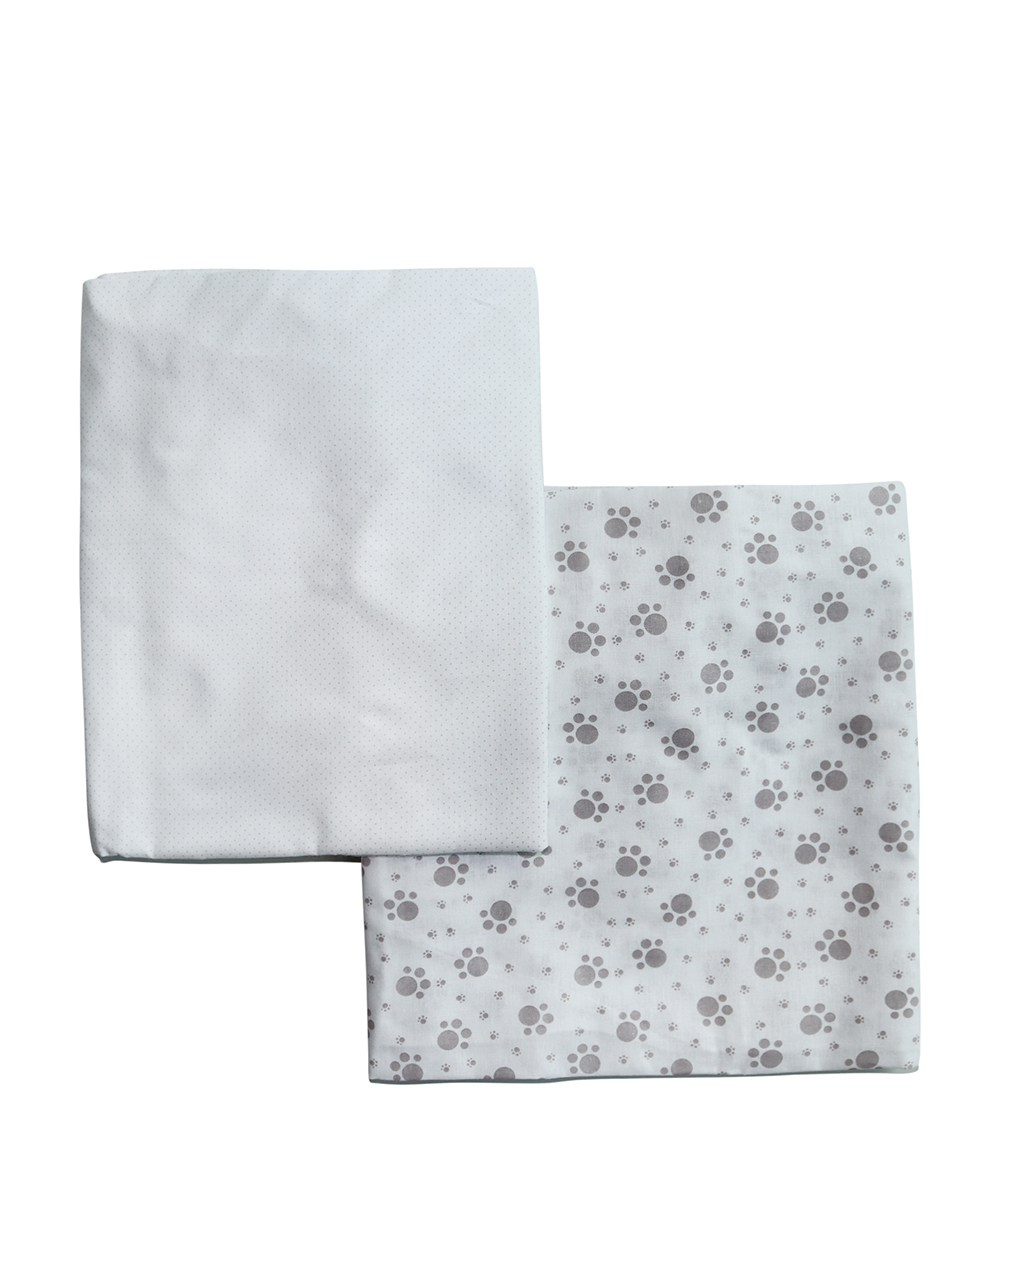 Letto - set due pezzi lenzuola - Prénatal